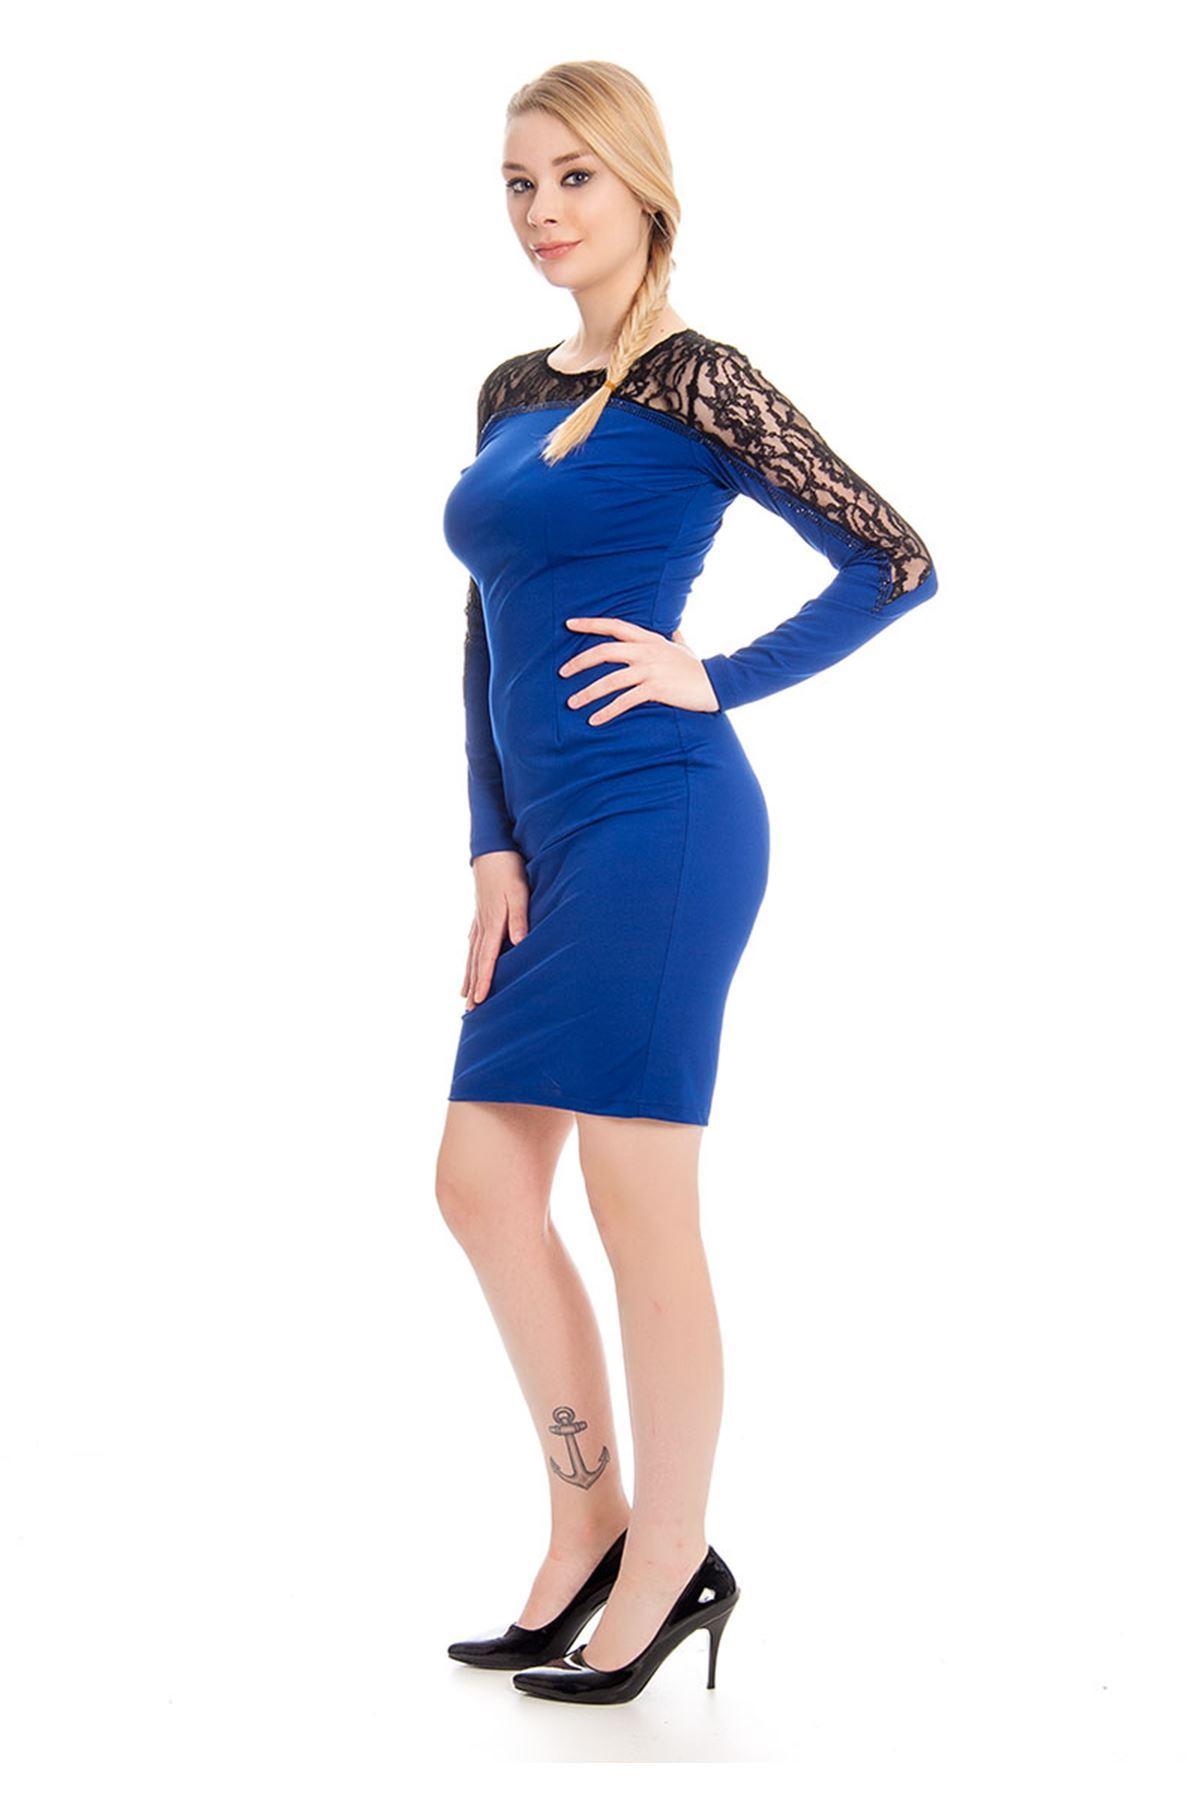 Mavi Dantel Detaylı Kadın Elbise I4-127889